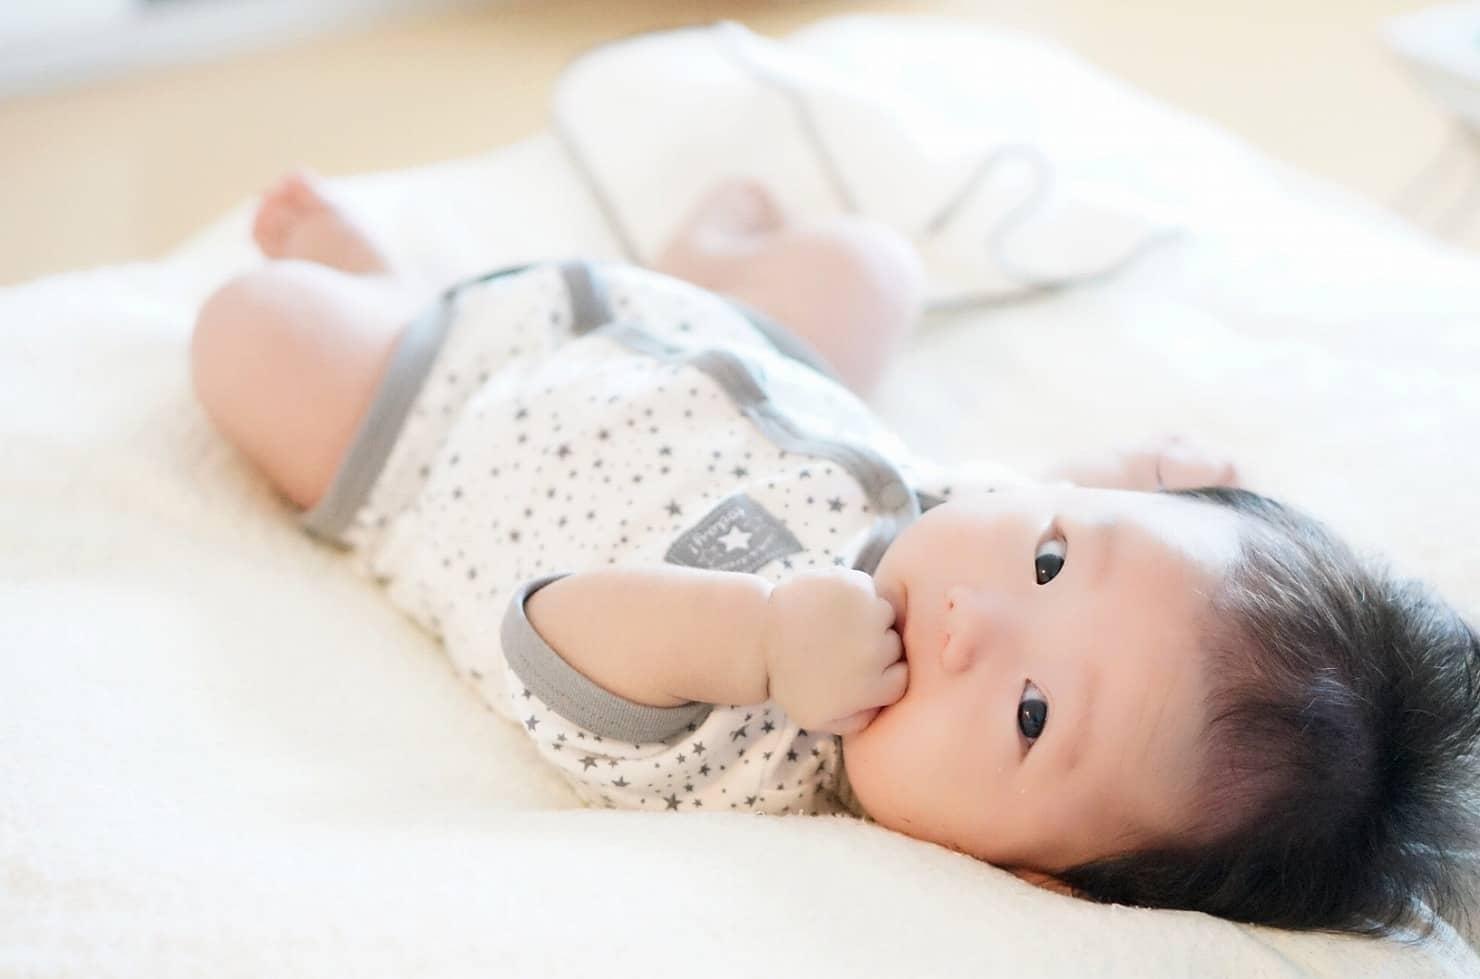 赤ちゃんの名前に画数は気にする? ママたちが名付けで重視していること